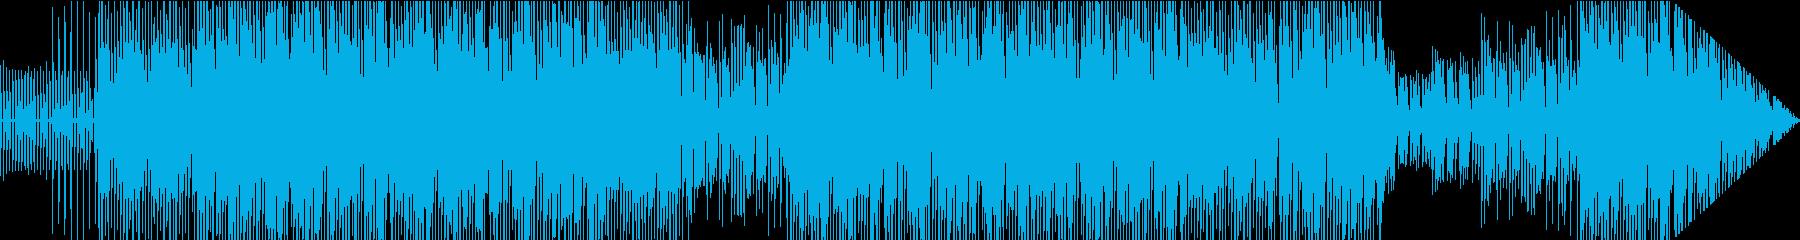 ダンスミュージック風のスタイルポップの再生済みの波形